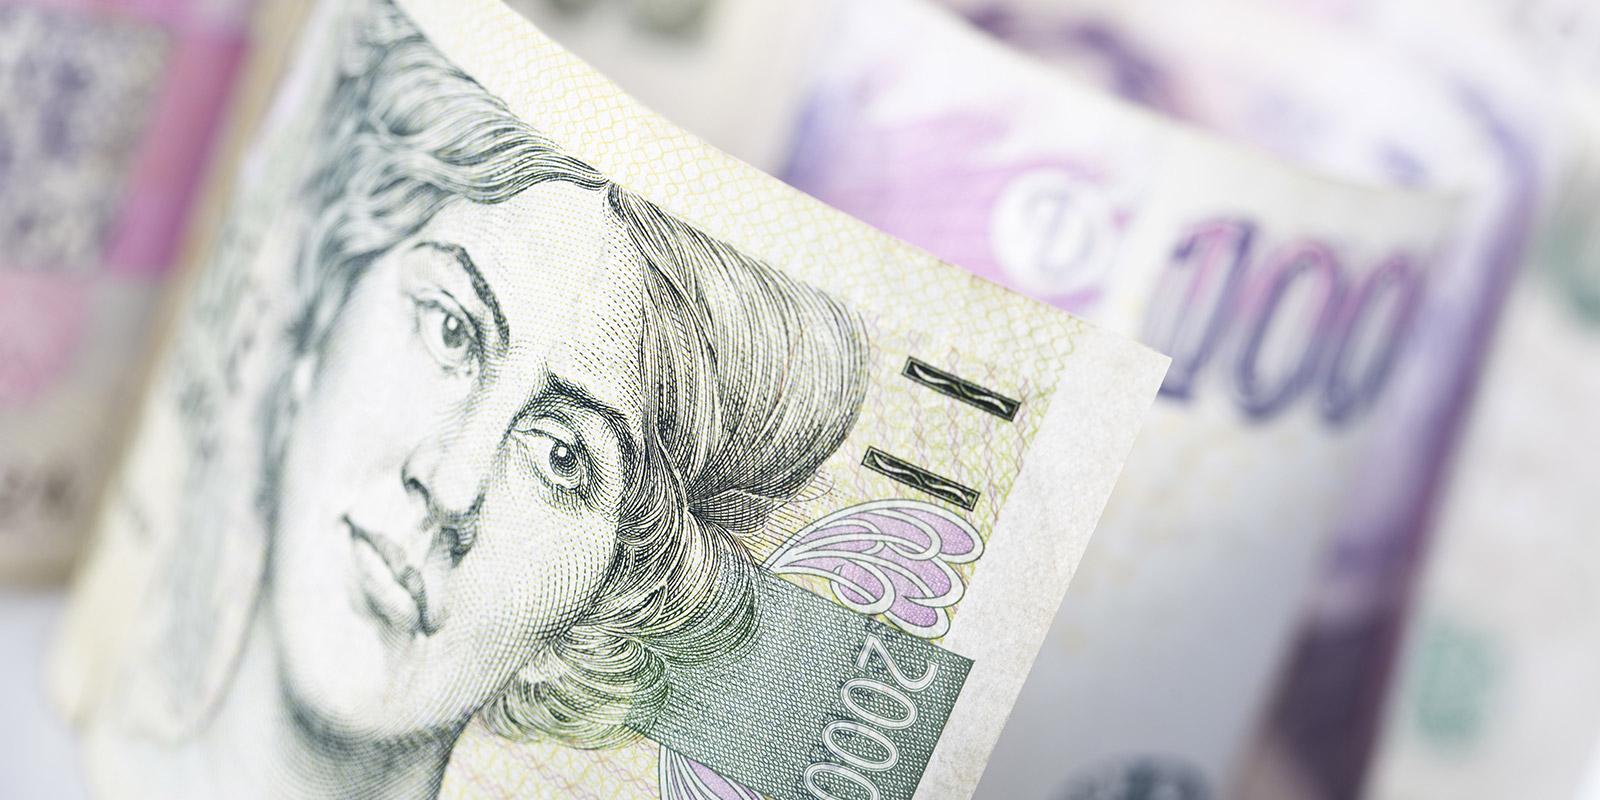 Srovnání bankovních půjček: Kde si půjčíte 30 000 Kč, 100 000 Kč, ale i 500 000 Kč nejvýhodněji?